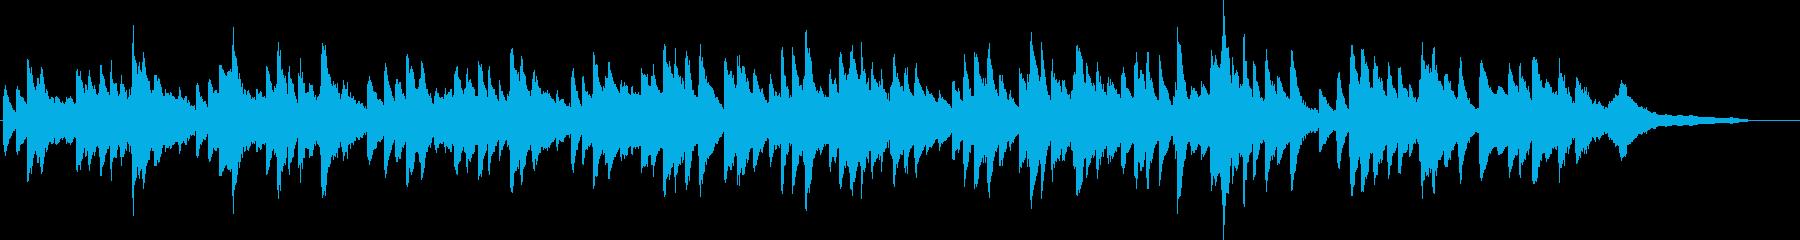 ダニーボーイ・シンプルで優しいピアノソロの再生済みの波形